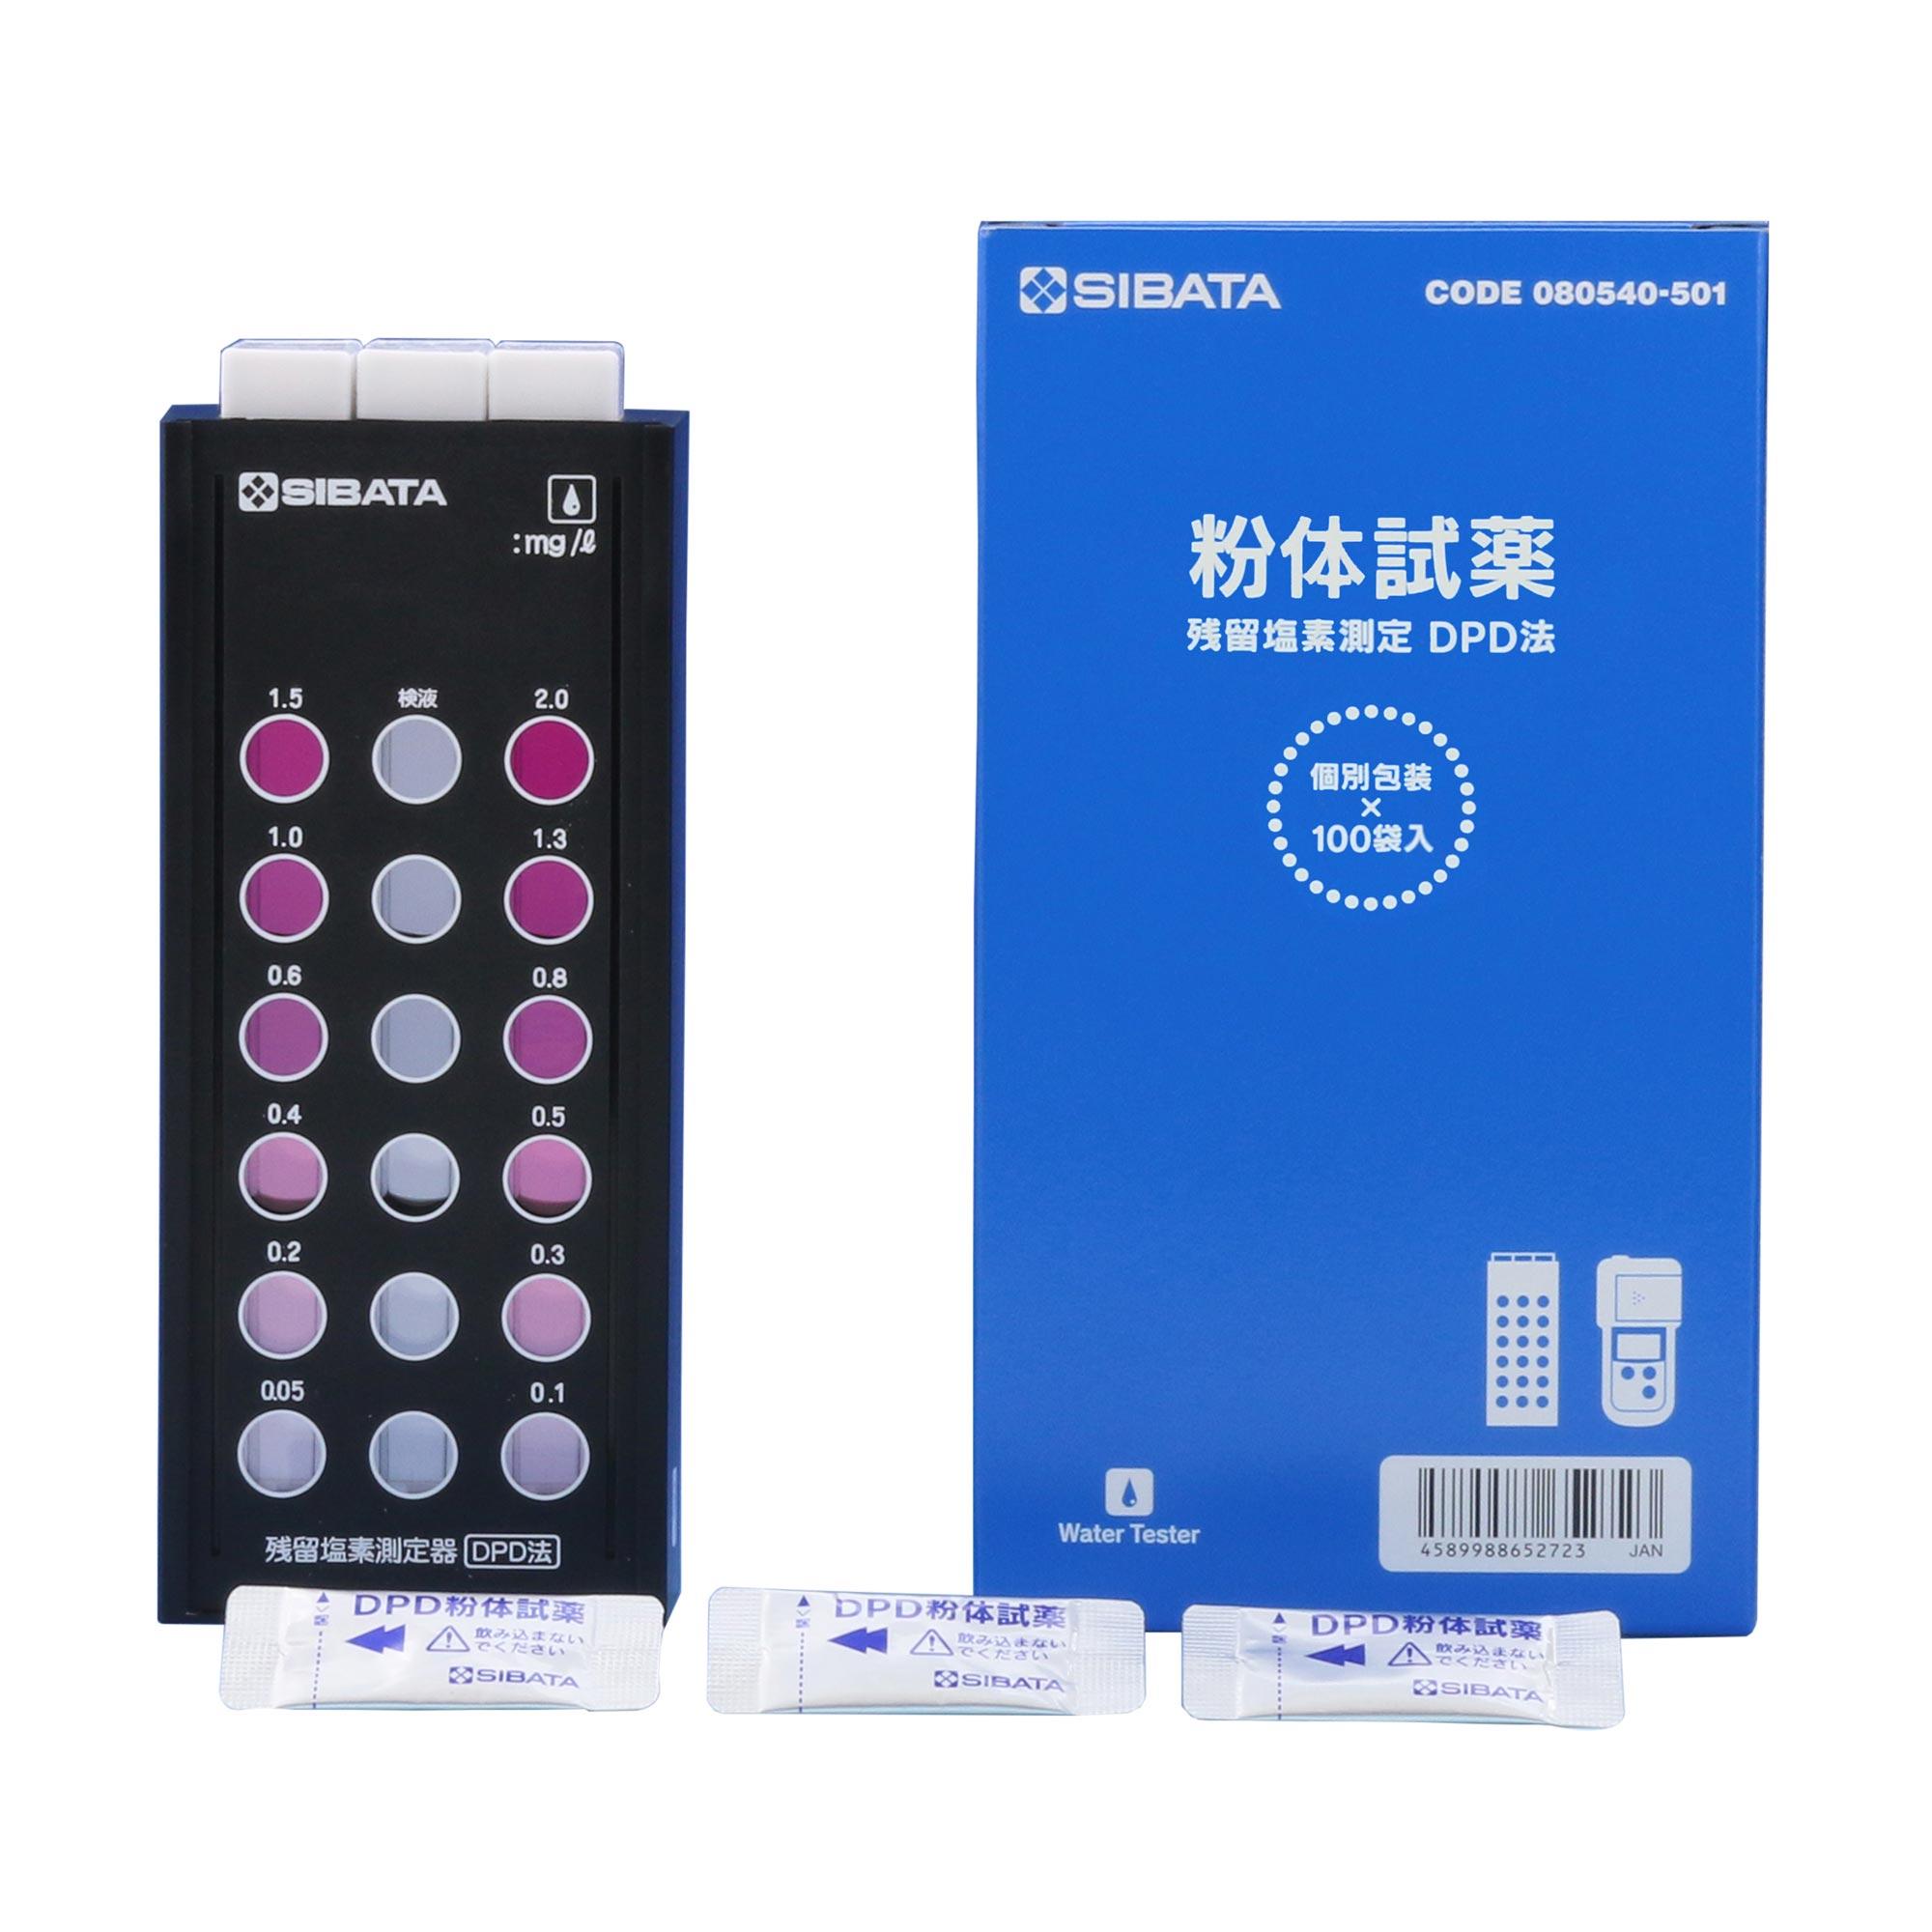 残留塩素測定器 DPD法 樹脂板仕様(試薬付)